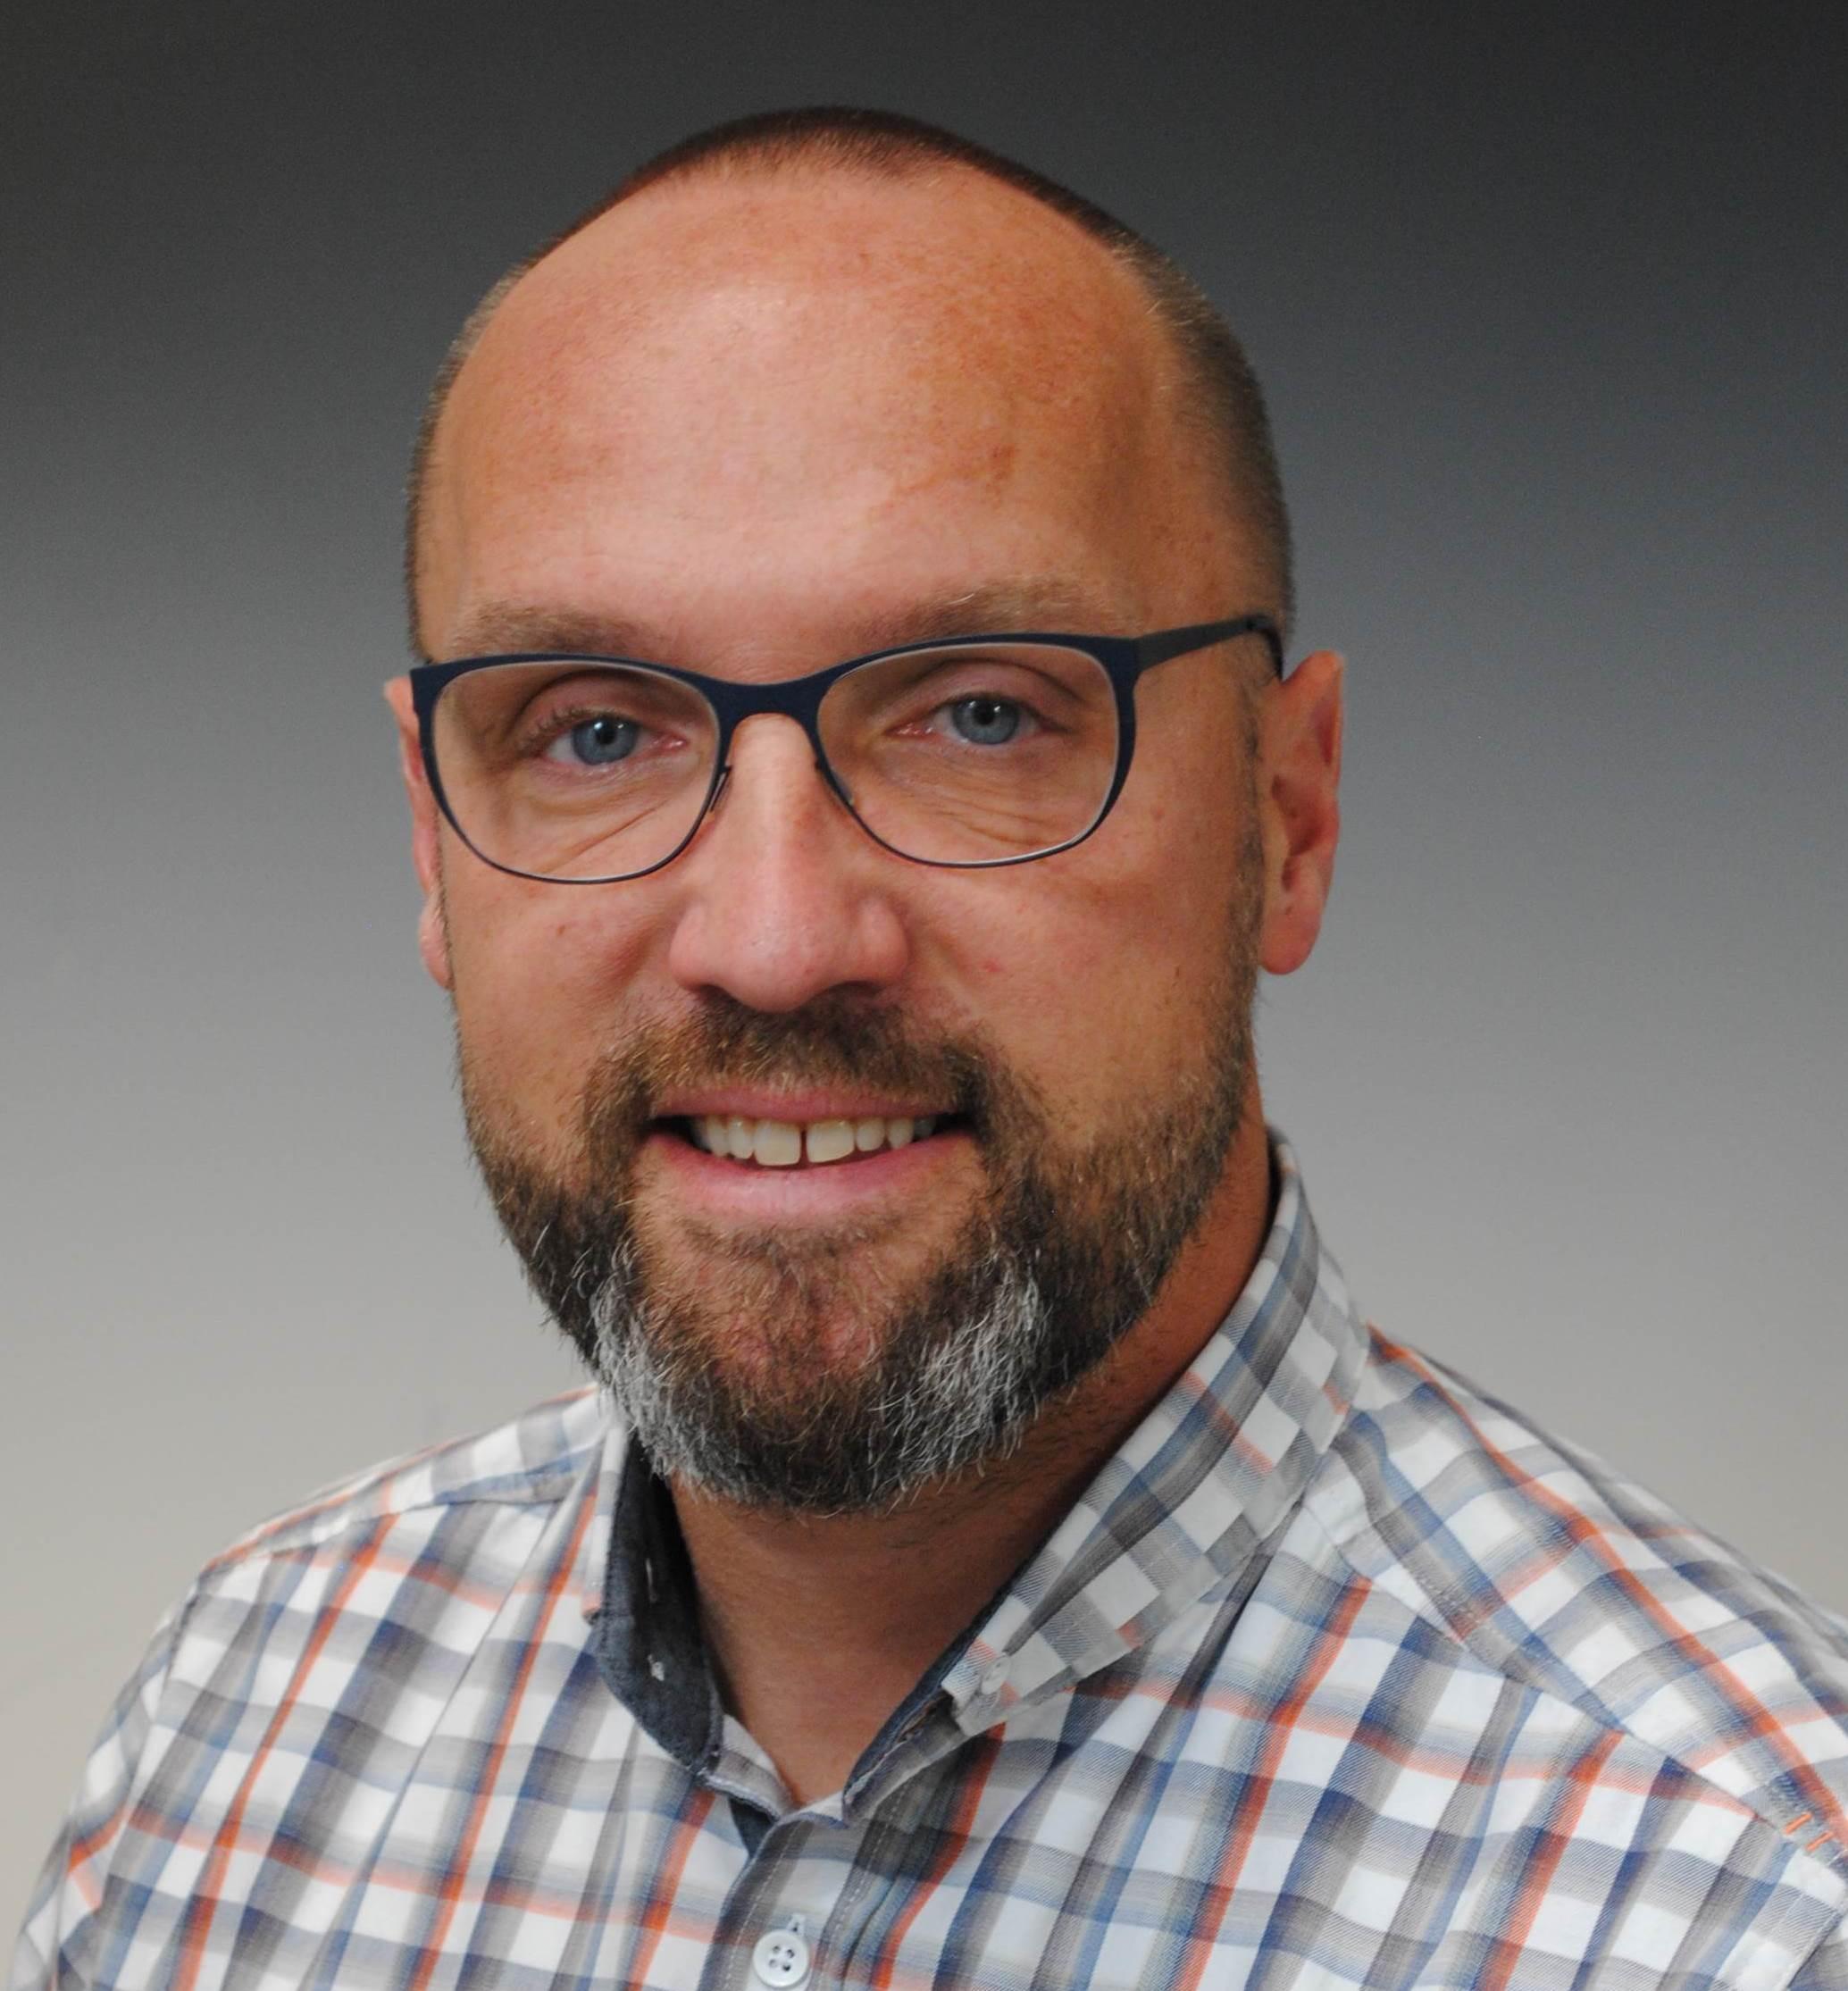 Tobias Kettrup